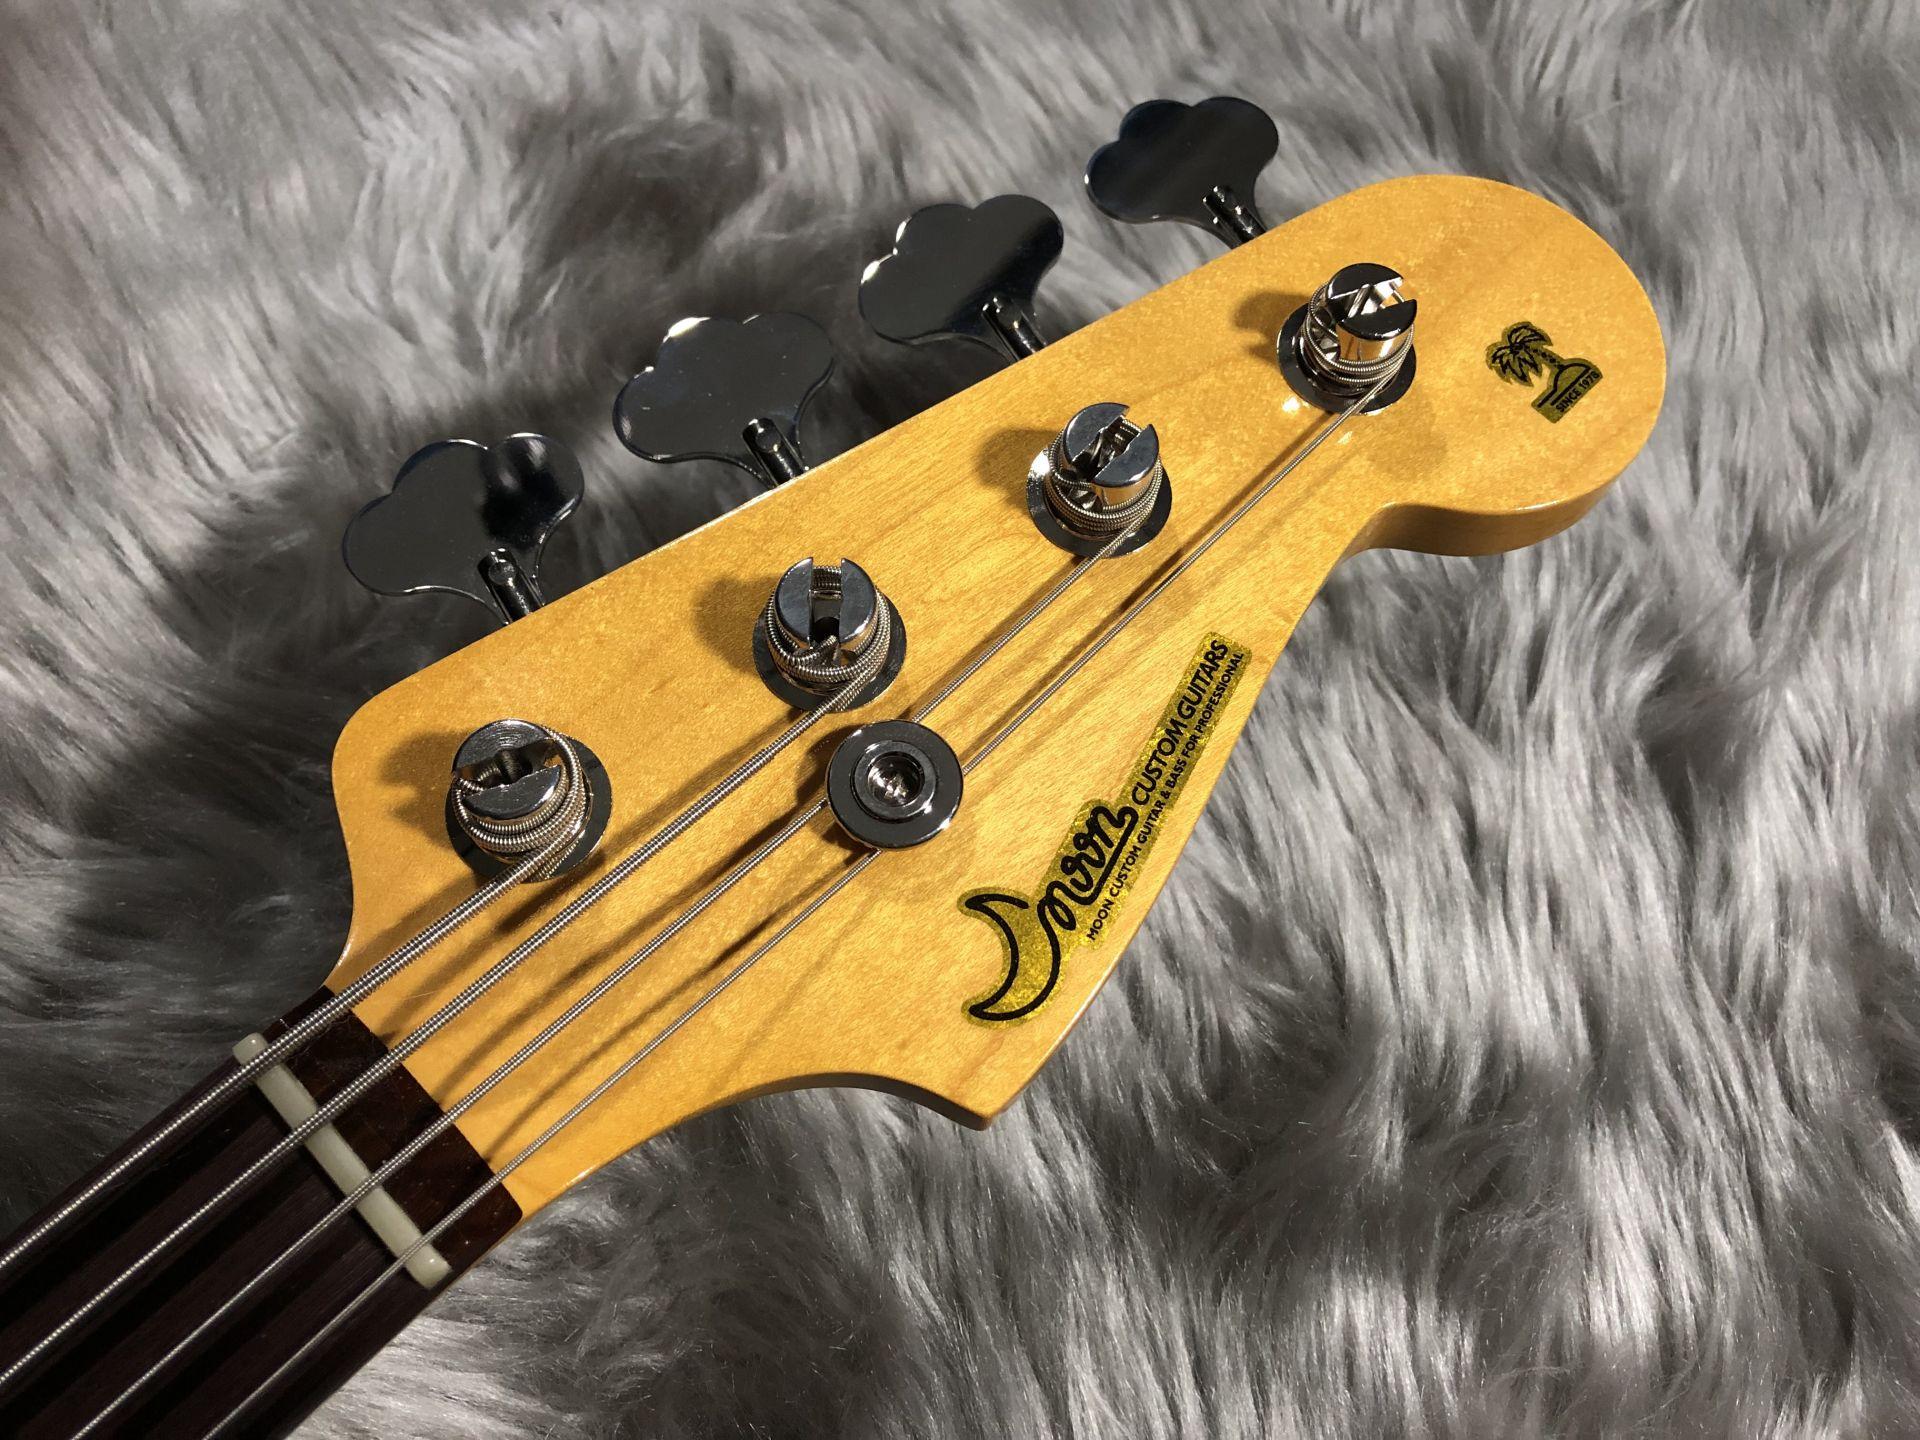 JB-4 Classicのヘッド画像